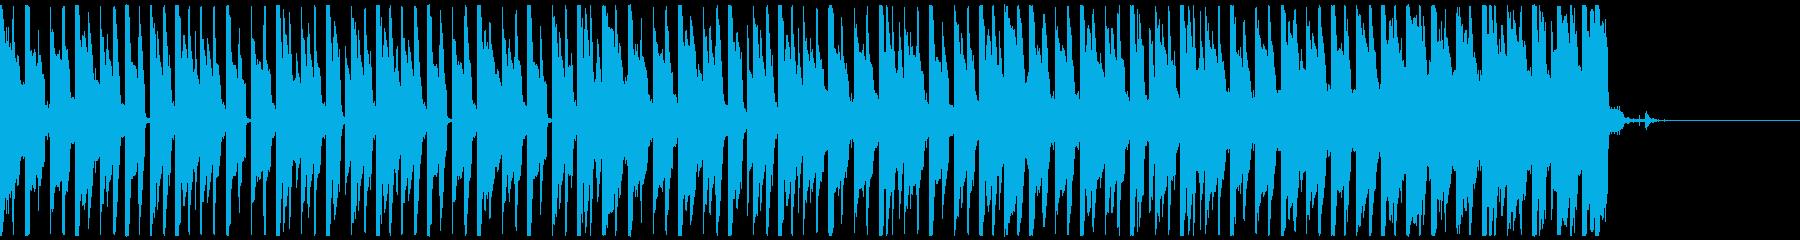 オシャレ・戦闘・スリリングEDM、④の再生済みの波形